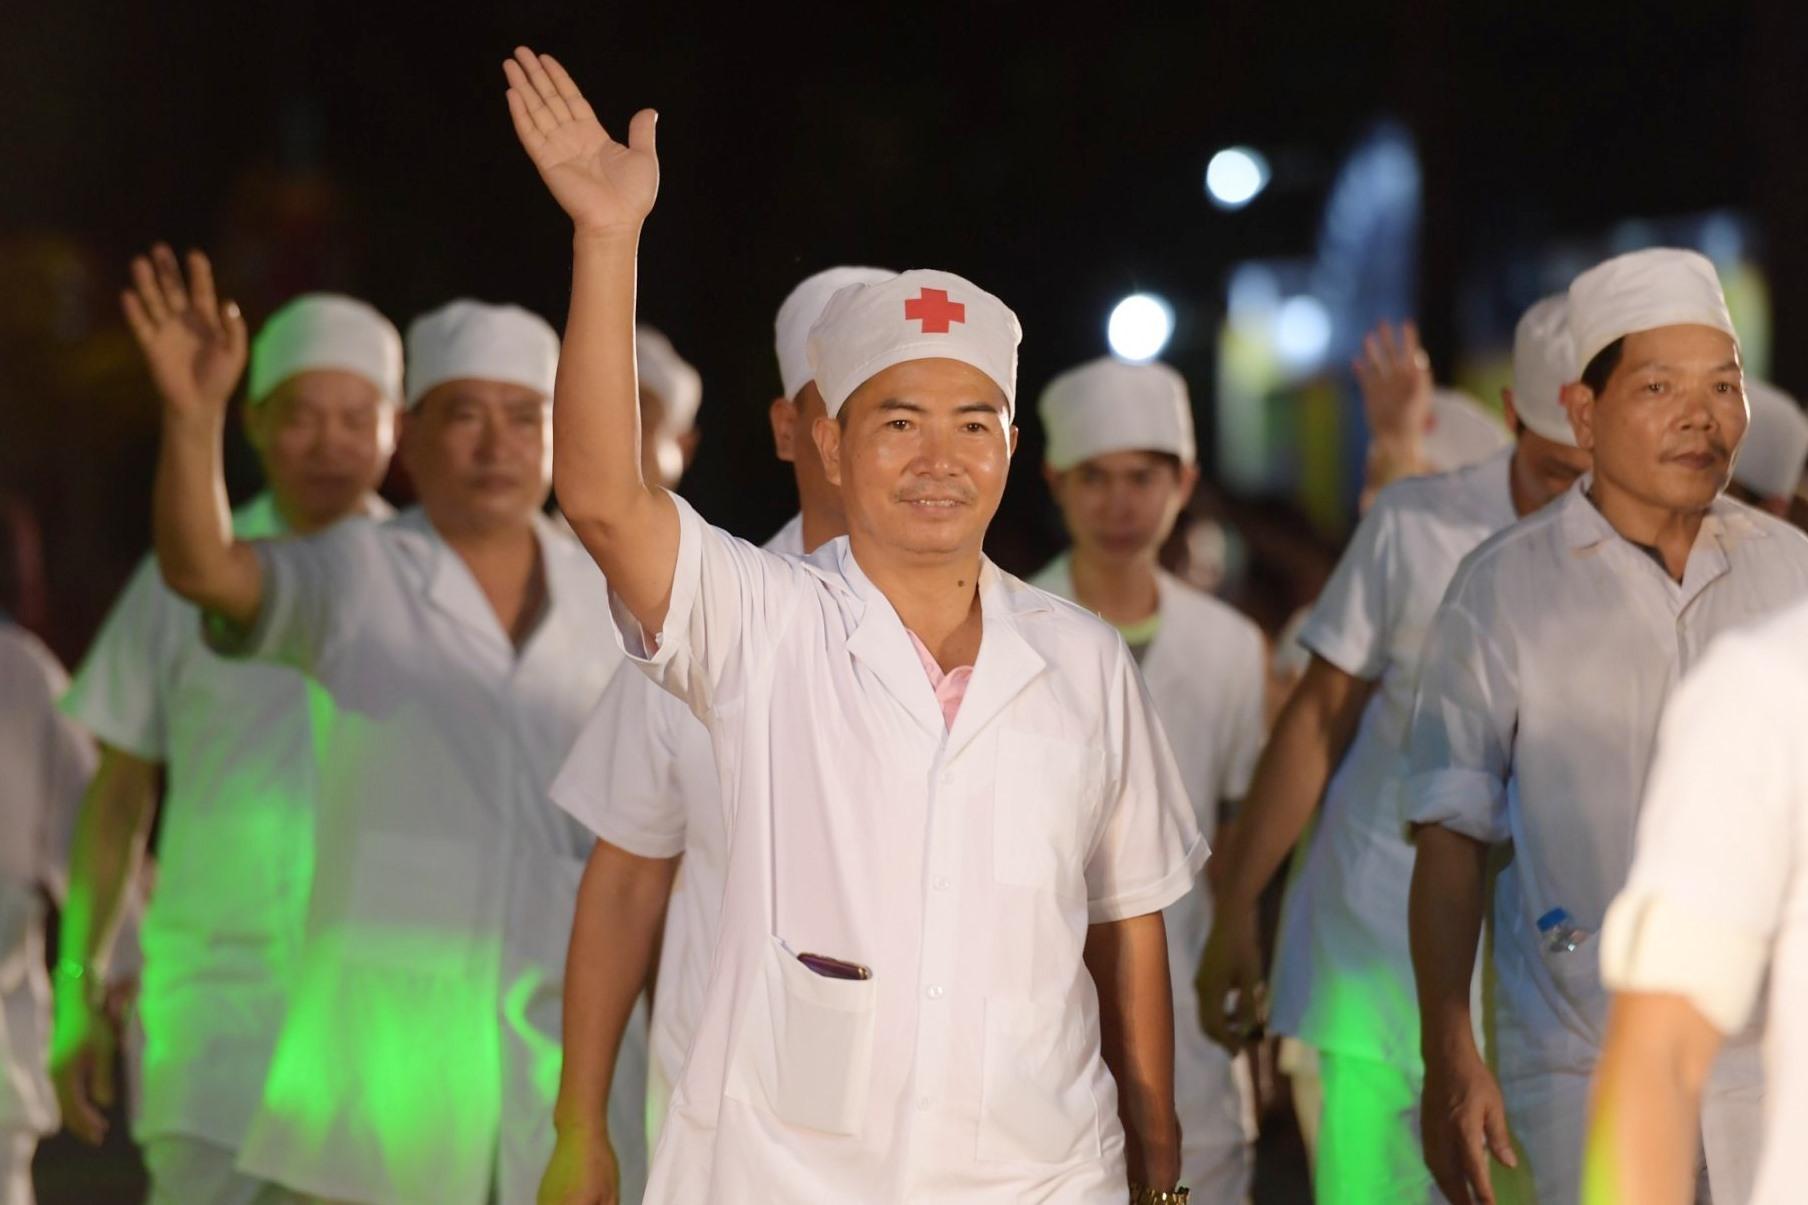 Sự kiện cũng tôn vinh đến những y, bác sĩ trong chiến dịch chống dịch bệnh, bảo vệ sức khỏe người dân.